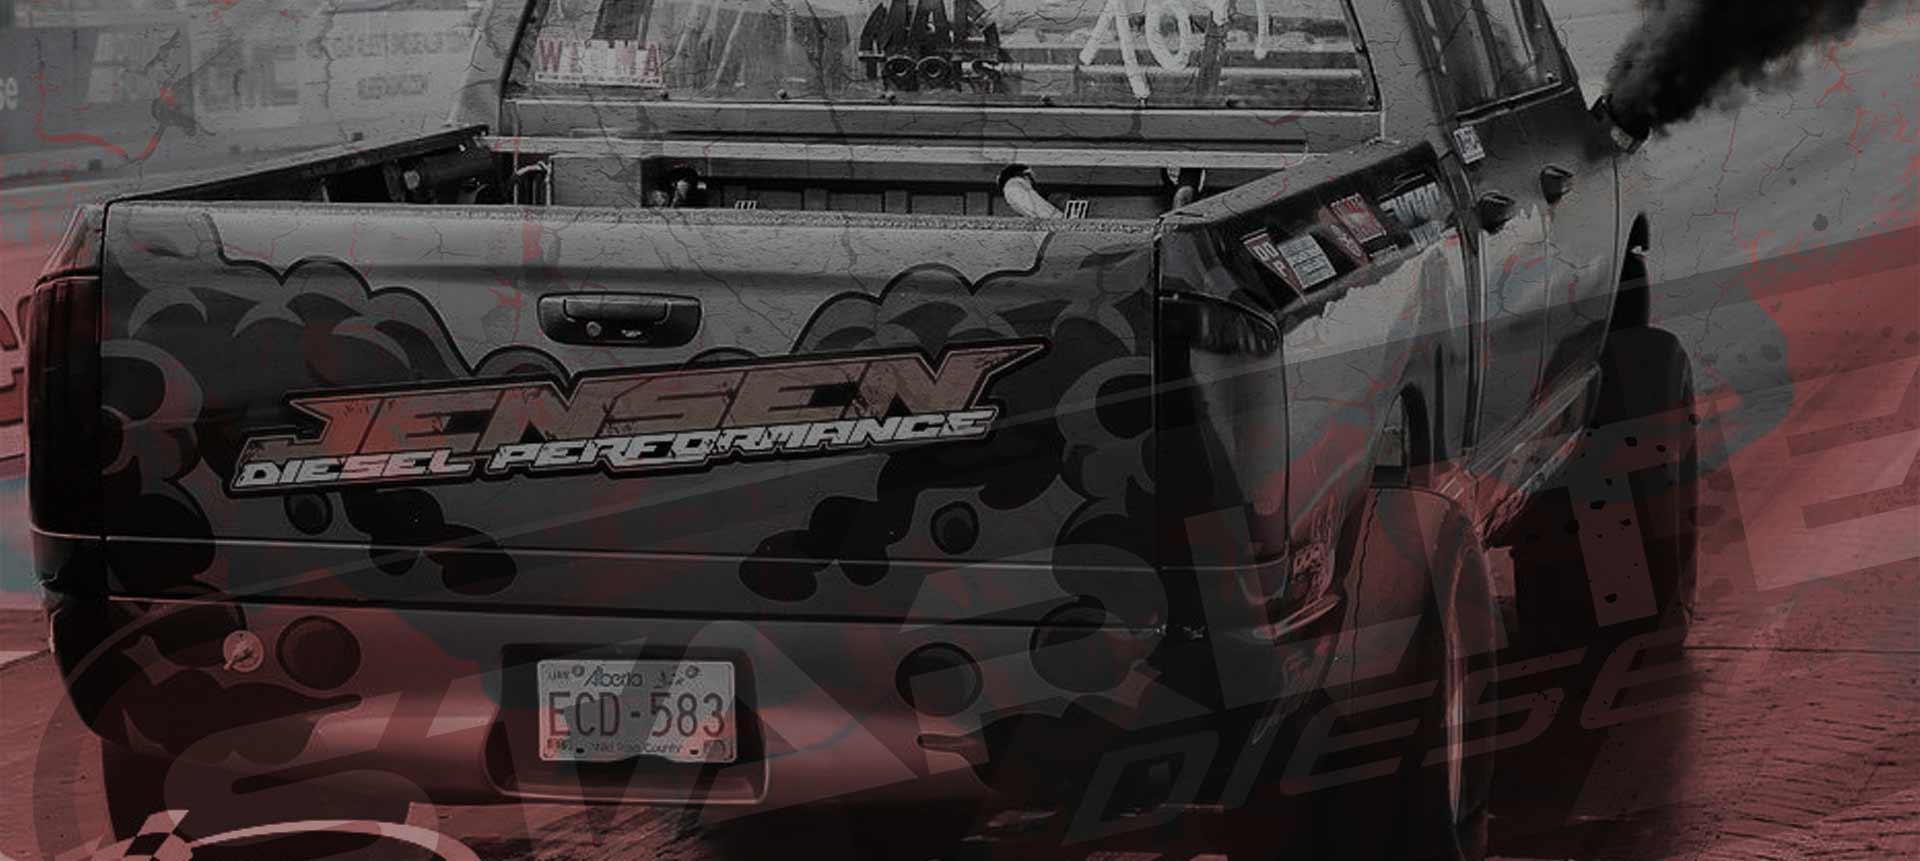 Starlite Diesel - Custom Diesel Tuning - EFI Live, EZLynk, HP Tuners, MM3